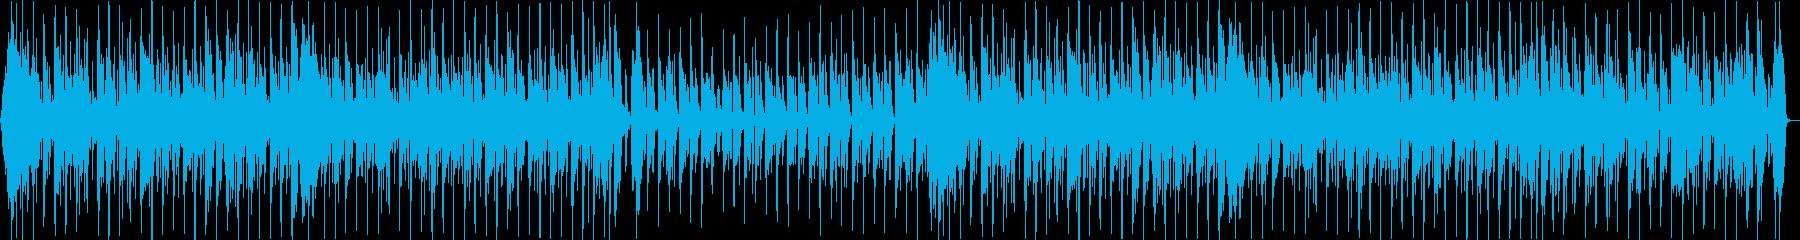 レゲエ研究所バウンシーファンポジテ...の再生済みの波形